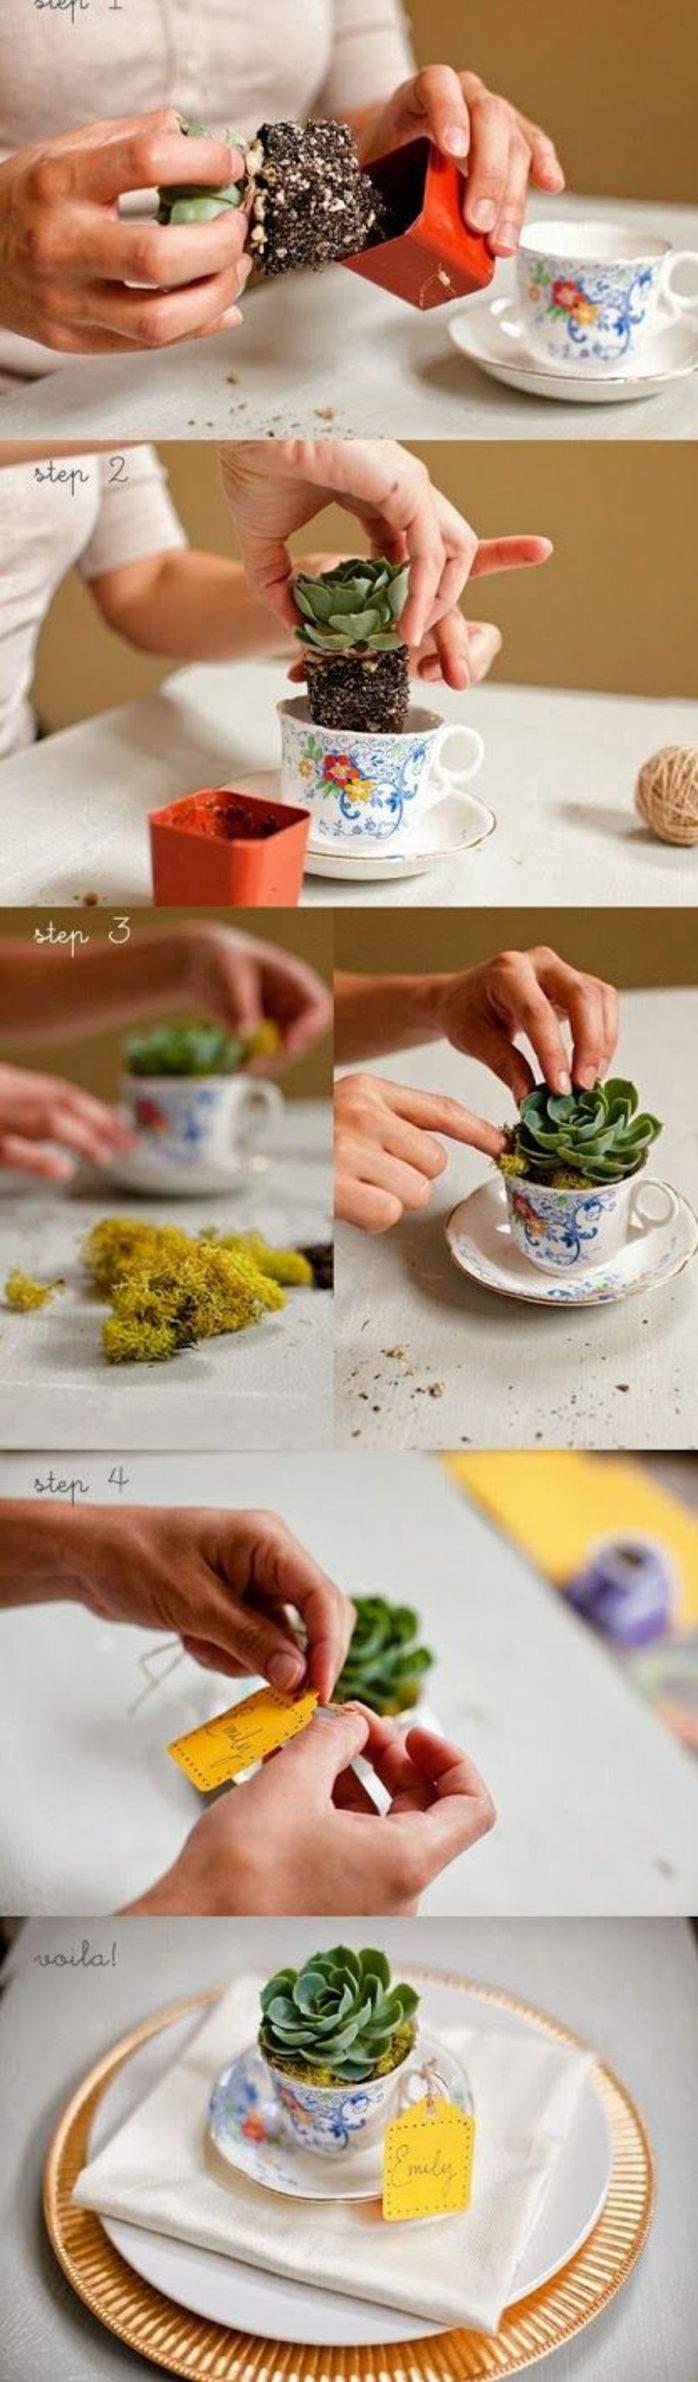 6 basteln mit m C3 BCll pflanze kaffeetassen tischdeko diy blument C3 B6pfe teller serviette e